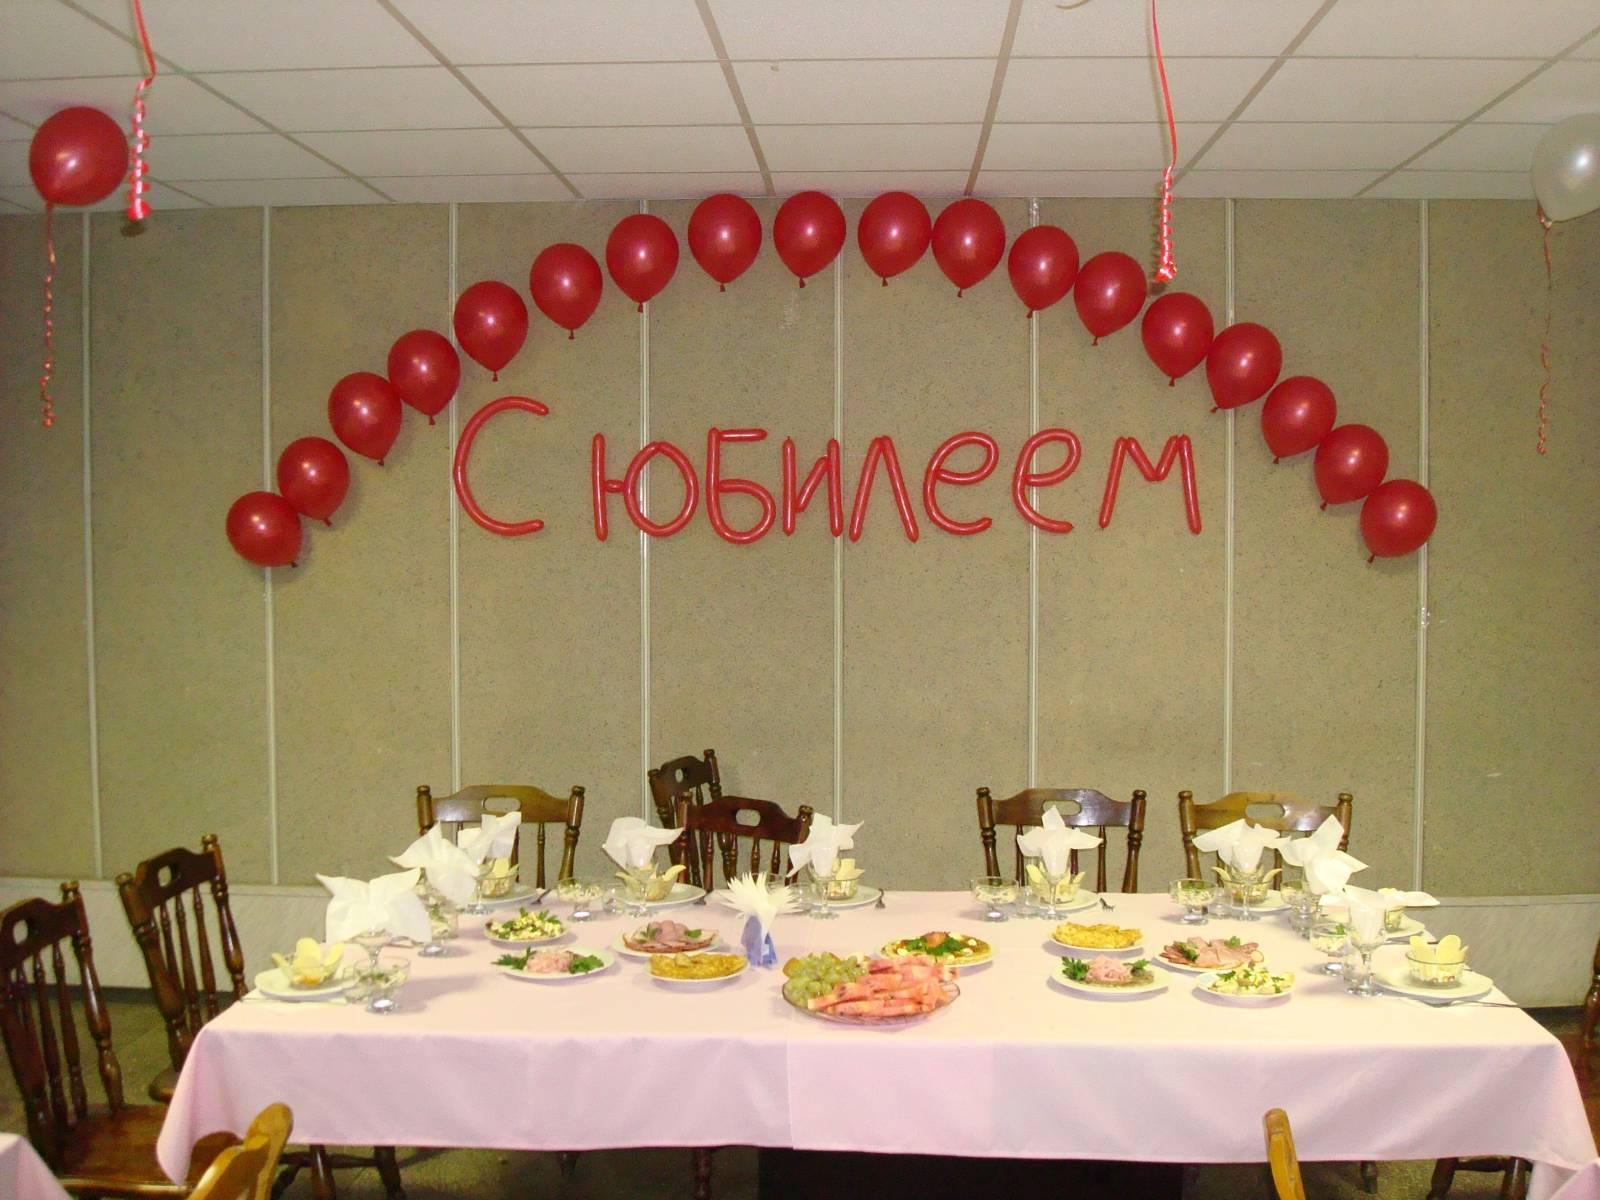 Украсить комнату на день рождения мужа своими руками